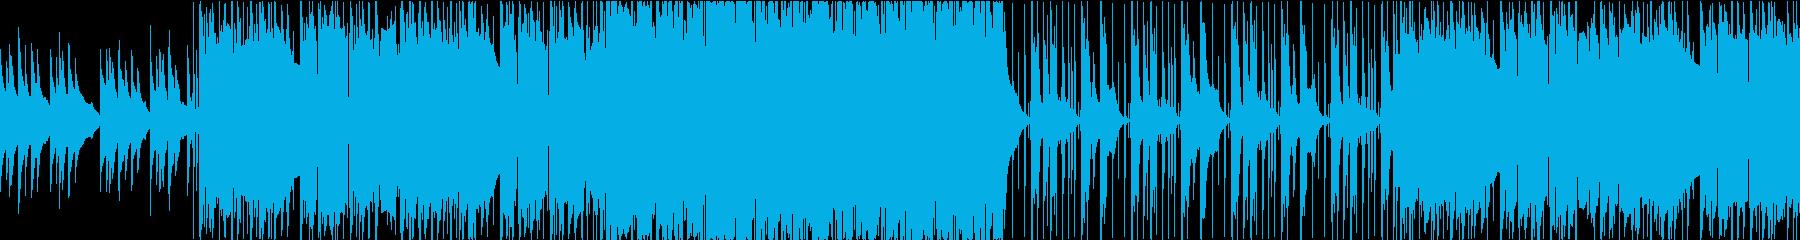 会社PV向き、ループ可能・わくわく躍動感の再生済みの波形